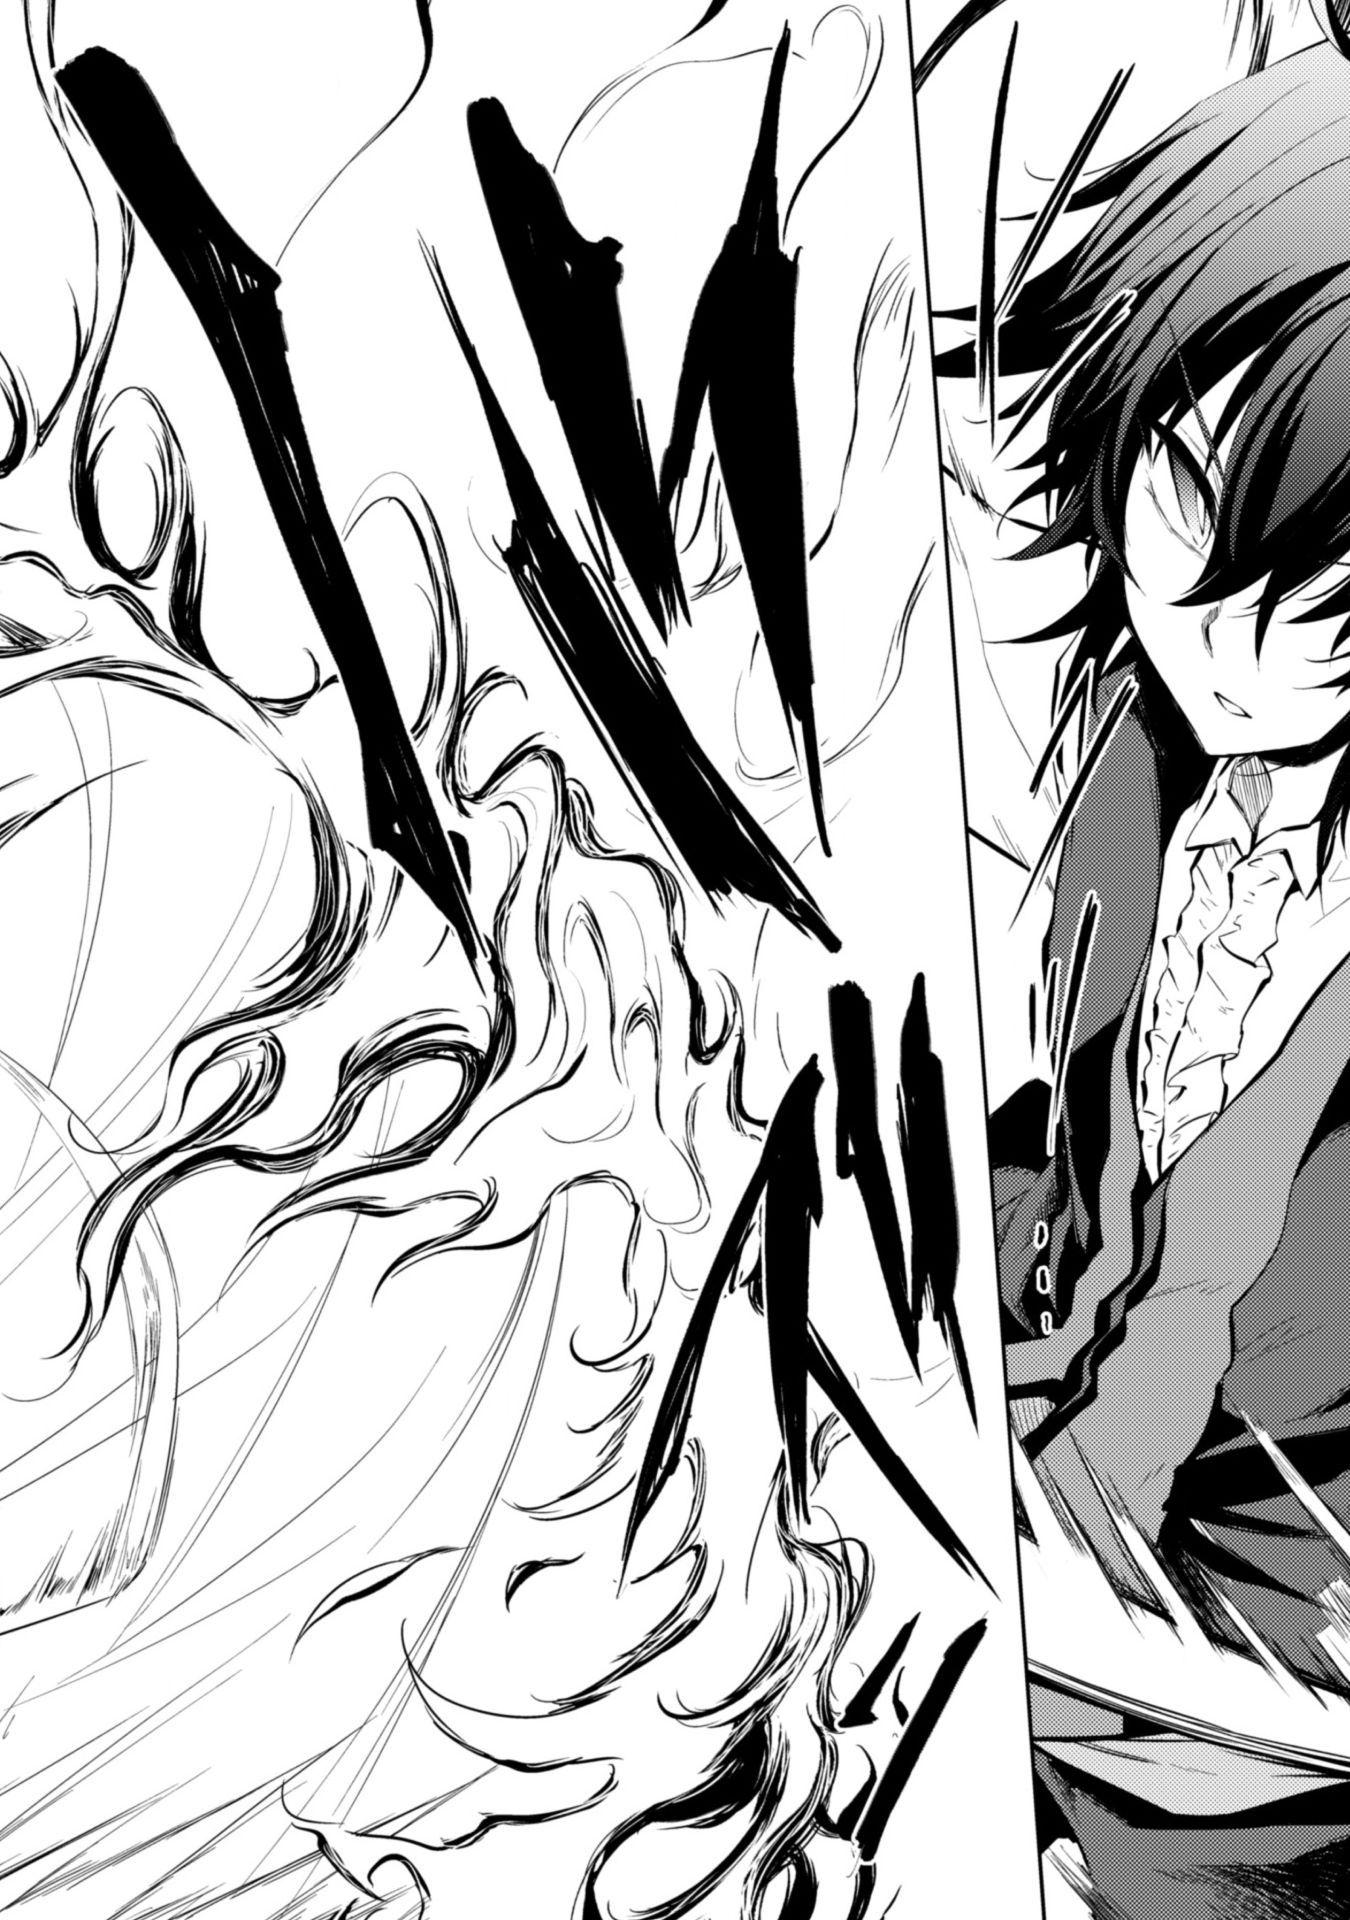 Манга Бывший сильнейший мечник жаждет магии в другом мире / Ex Strongest Swordsman Long For Magic In Different World - Том 2 Глава 13 Страница 5